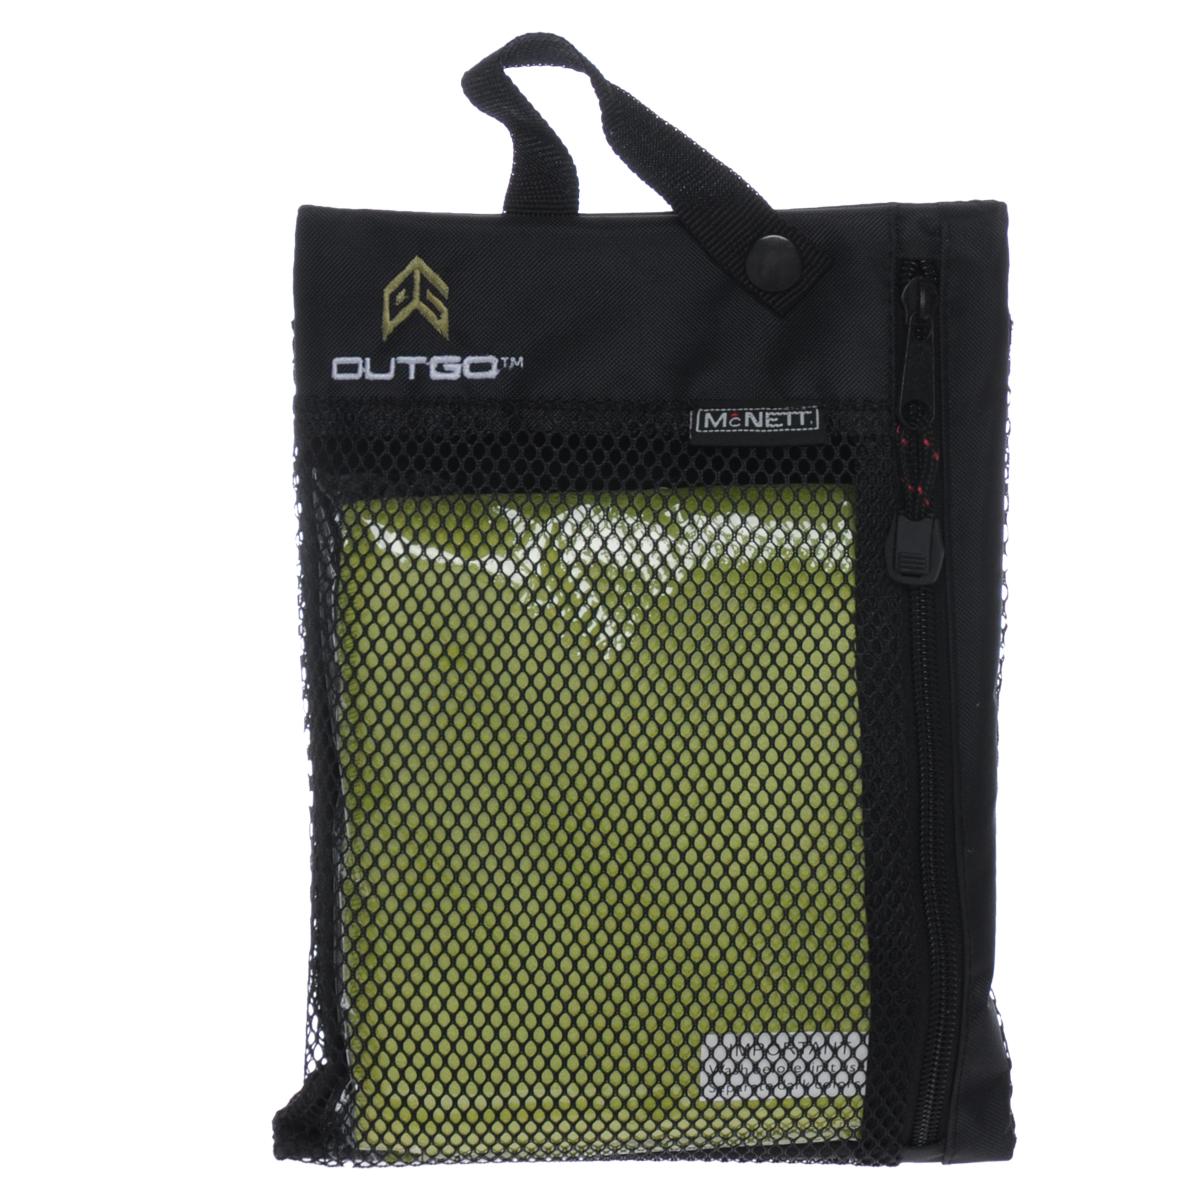 """Микроволоконное полотенце McNett """"Outgo"""" - это специально разработанная высокоплотная вязаная чрезвычайно компактная ткань с абсолютно уникальными впитывающими и чистящими свойствами. Сверхтонкие (0.2 денье) микроволоконные сплетения быстро сохнут - 90% воды удаляется при ручном отжиме. Приятное на ощупь, обладающее уникальными свойствами микроволокон, полотенце McNett """"Outgo"""" идеально подойдет любителям различных поездок, походов и водных видов спорта. В комплекте удобный чехол, выполненный из сетки с водоотталкивающей подкладкой."""